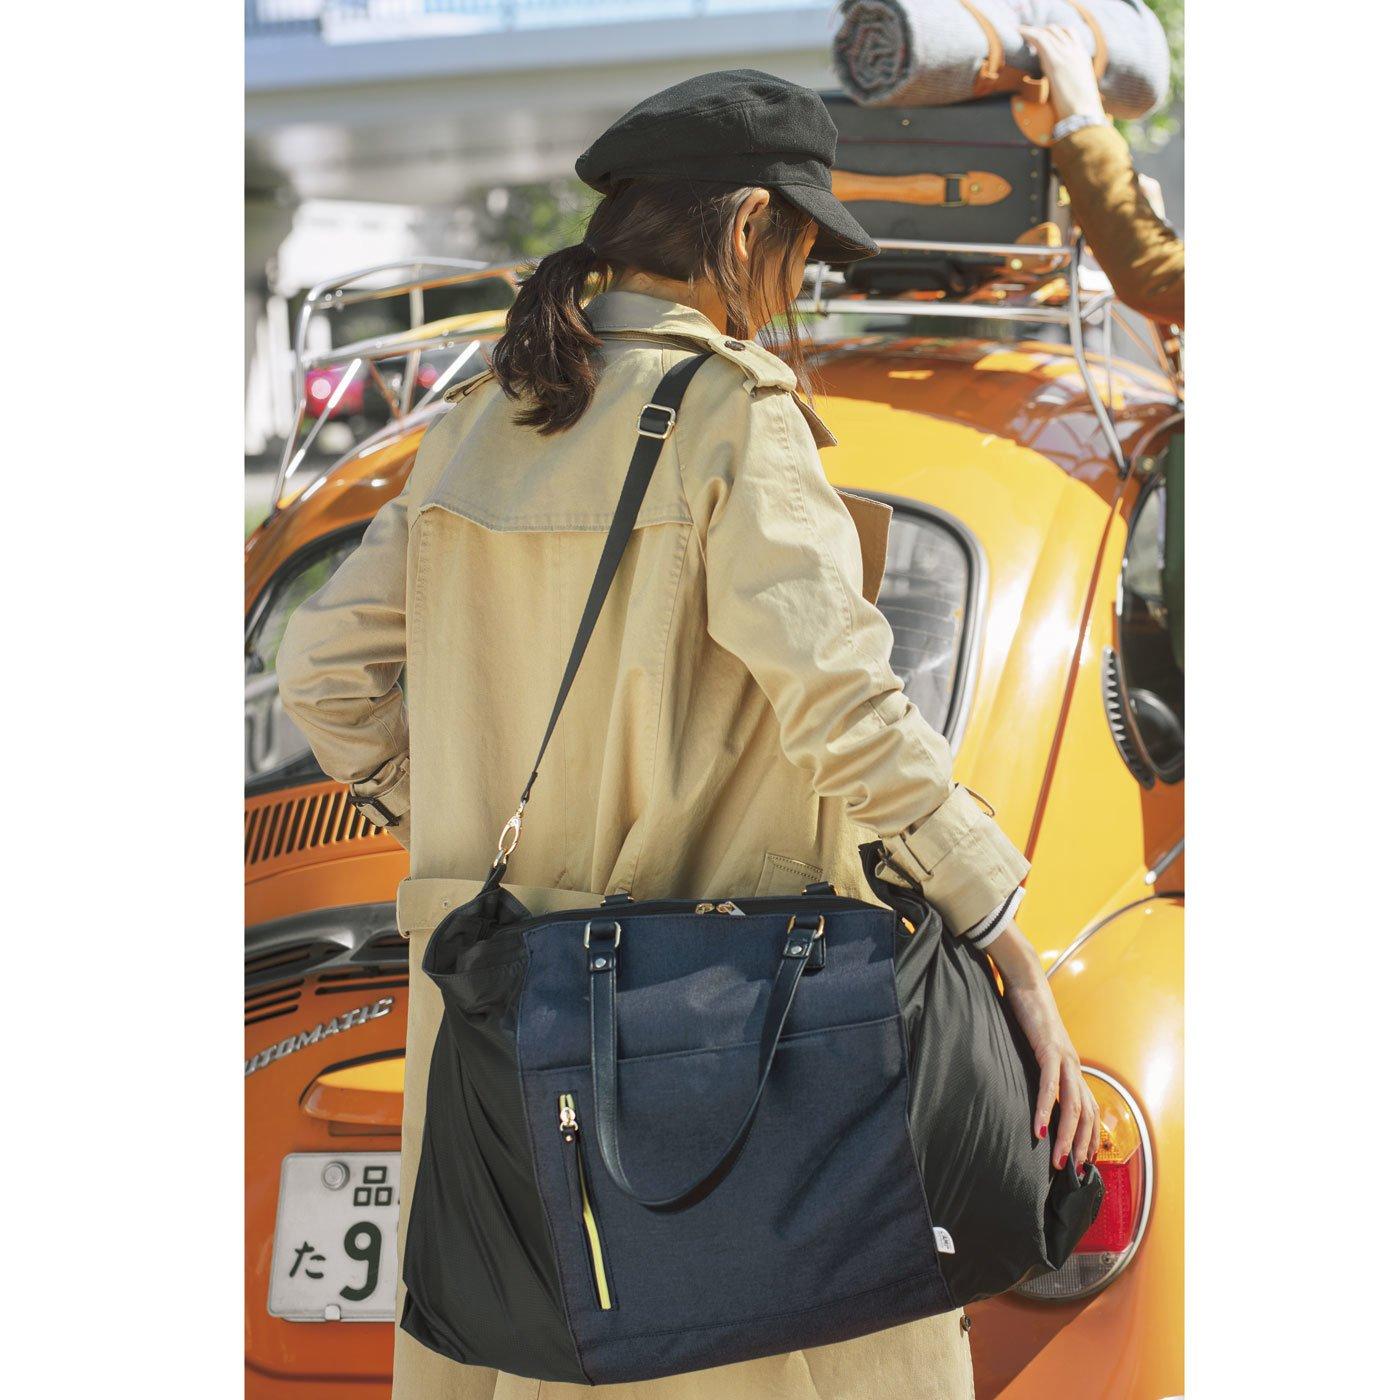 サブバッグいらず荷物に合わせてサイズが変わるサイドロールバッグの会